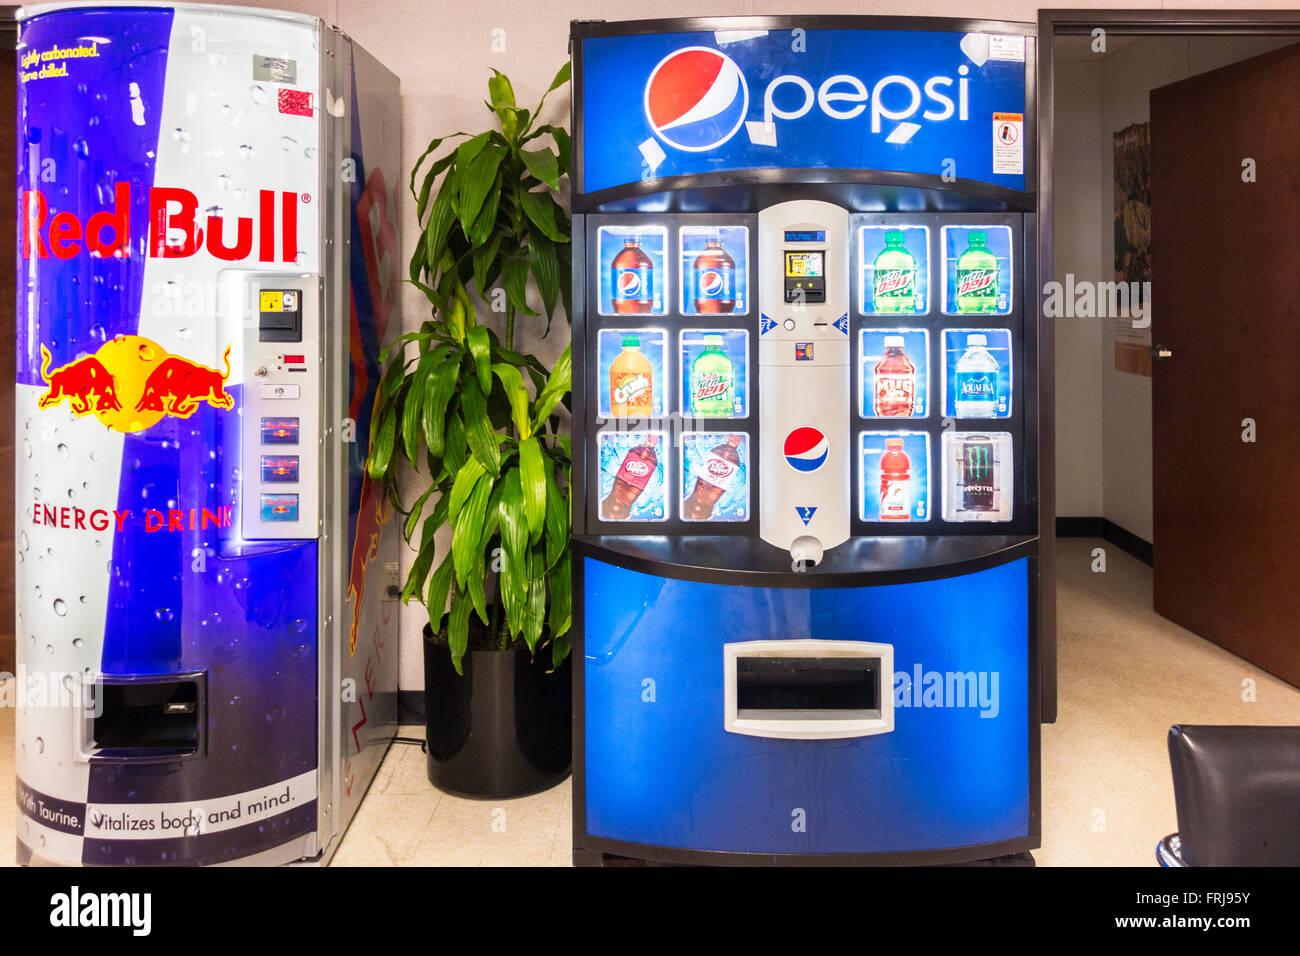 Red Bull Getränke Kühlschrank : Red bull und pepsi maschinen kälteenergie getränke und